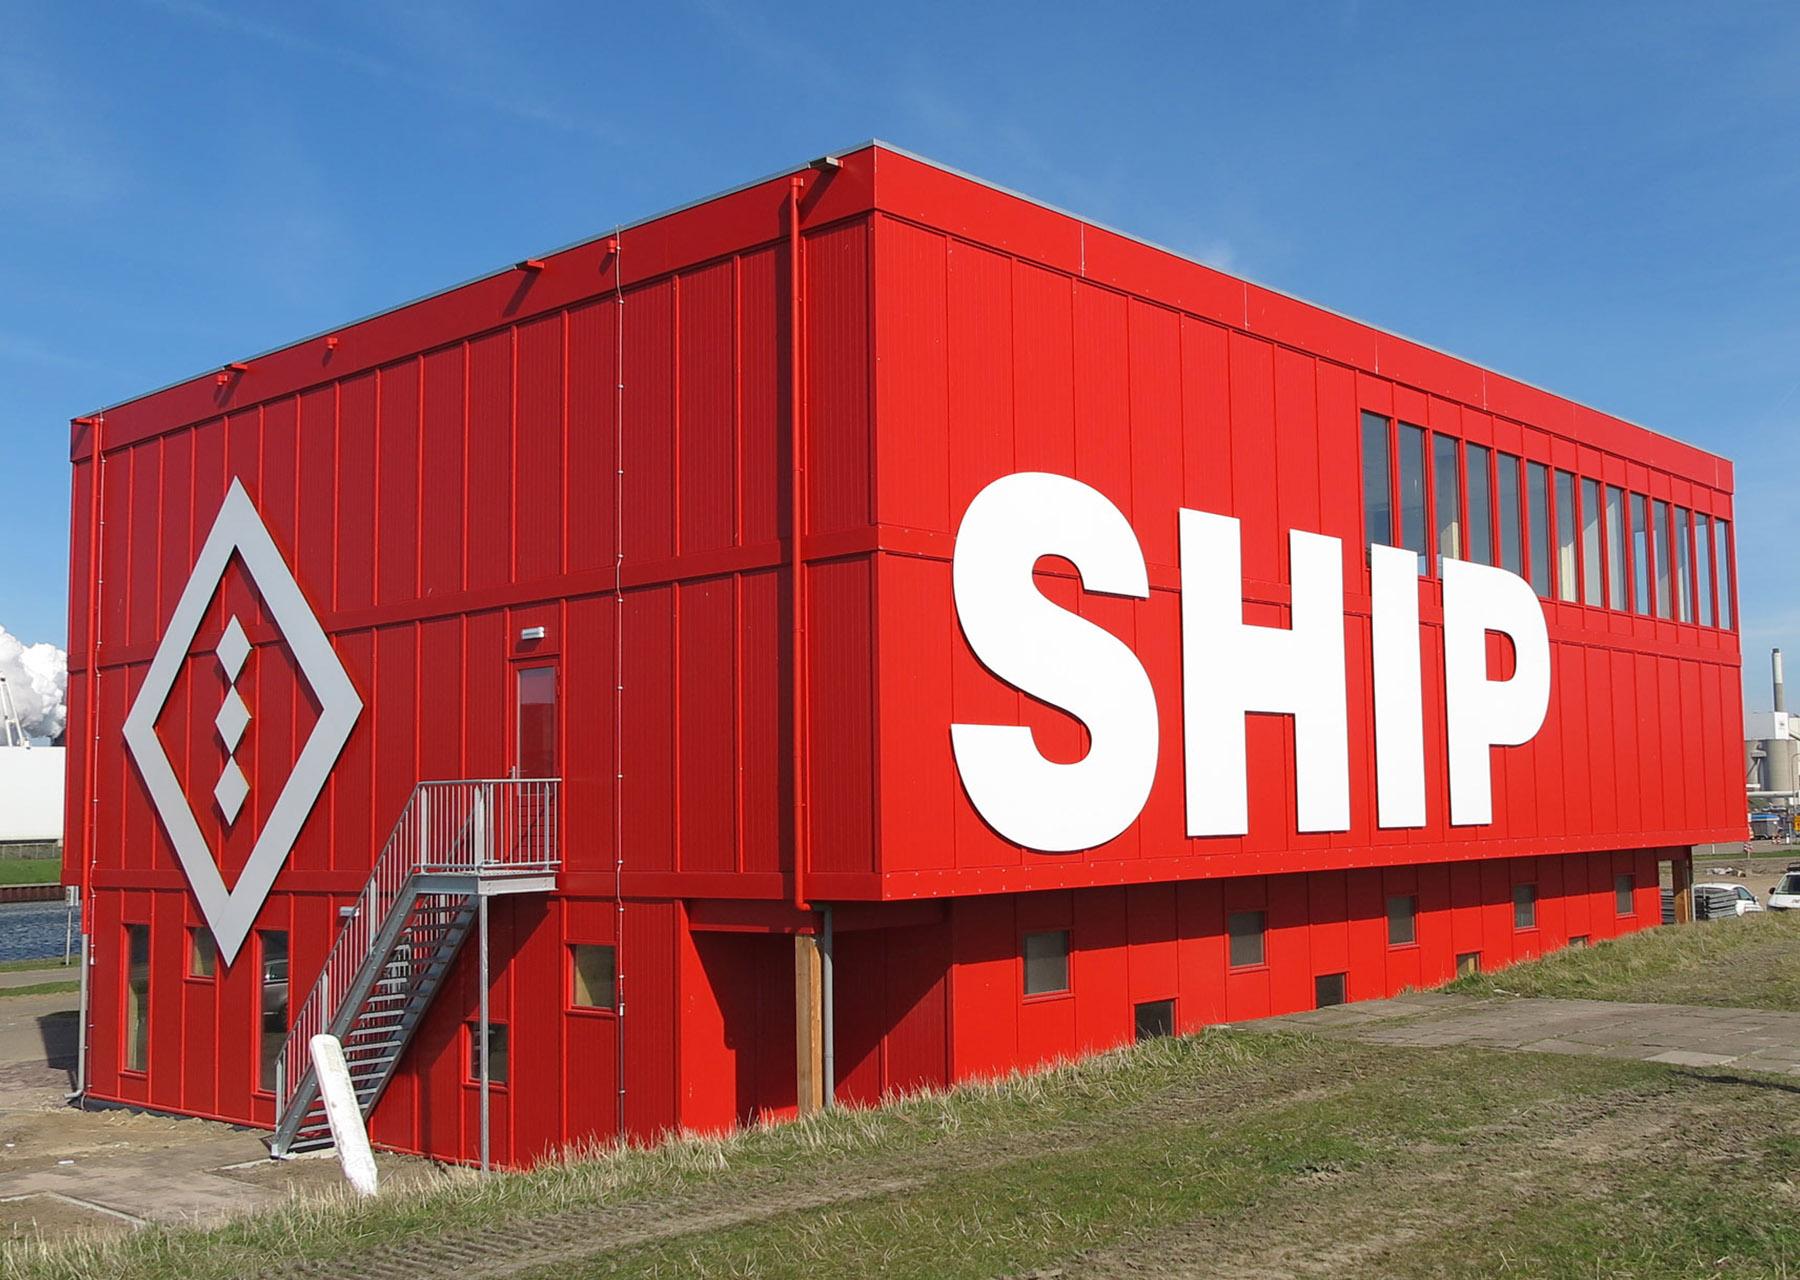 SHIP gebouw